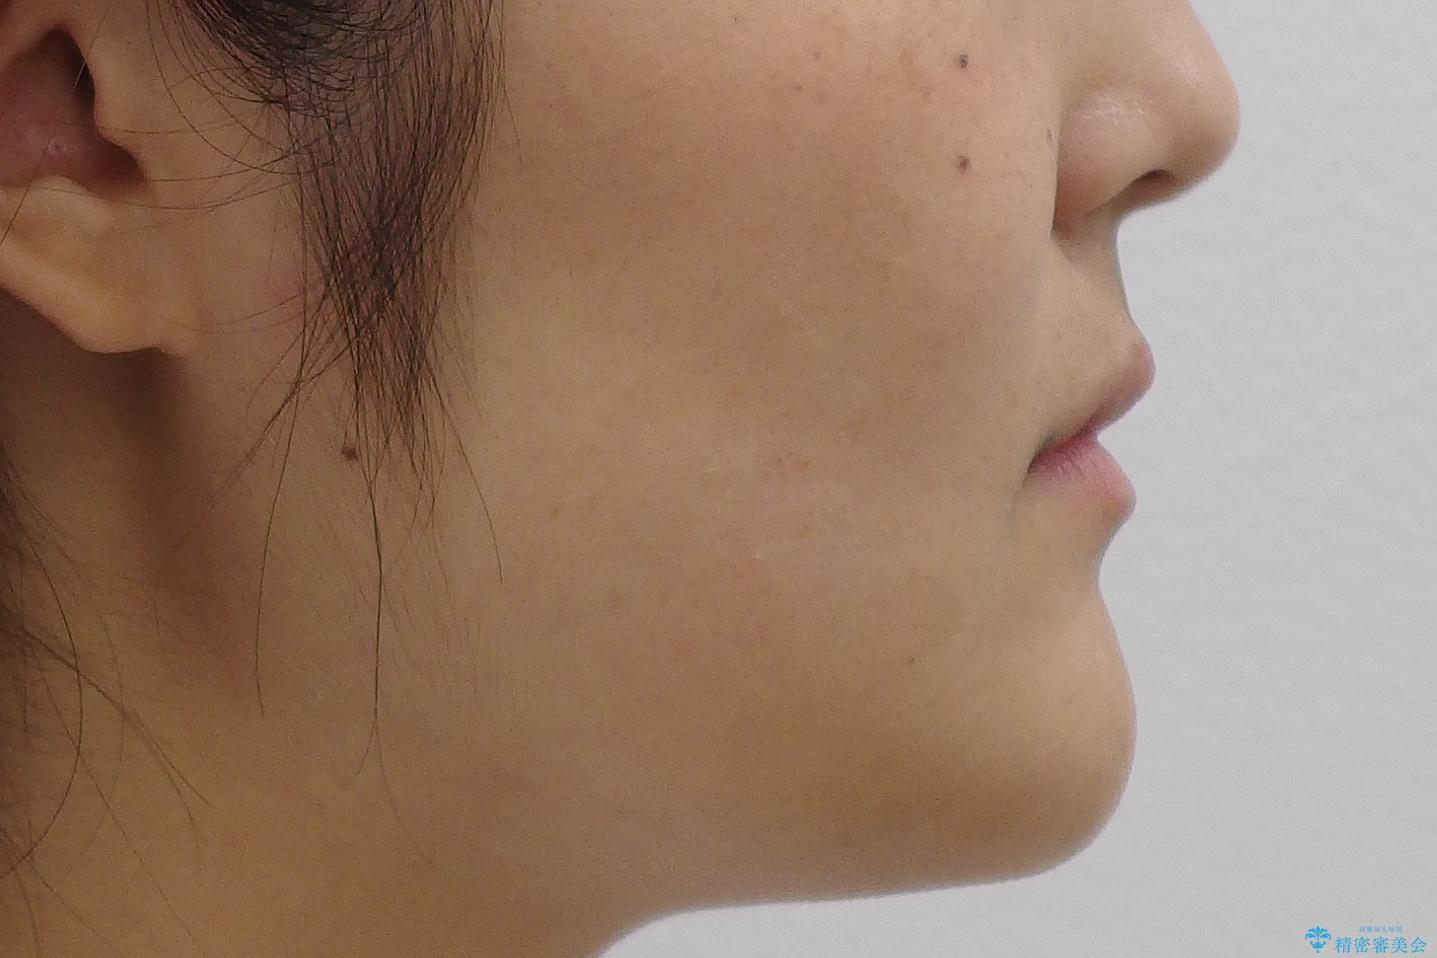 八重歯 ハーフリンガルで 乳歯が残っているの治療前(顔貌)